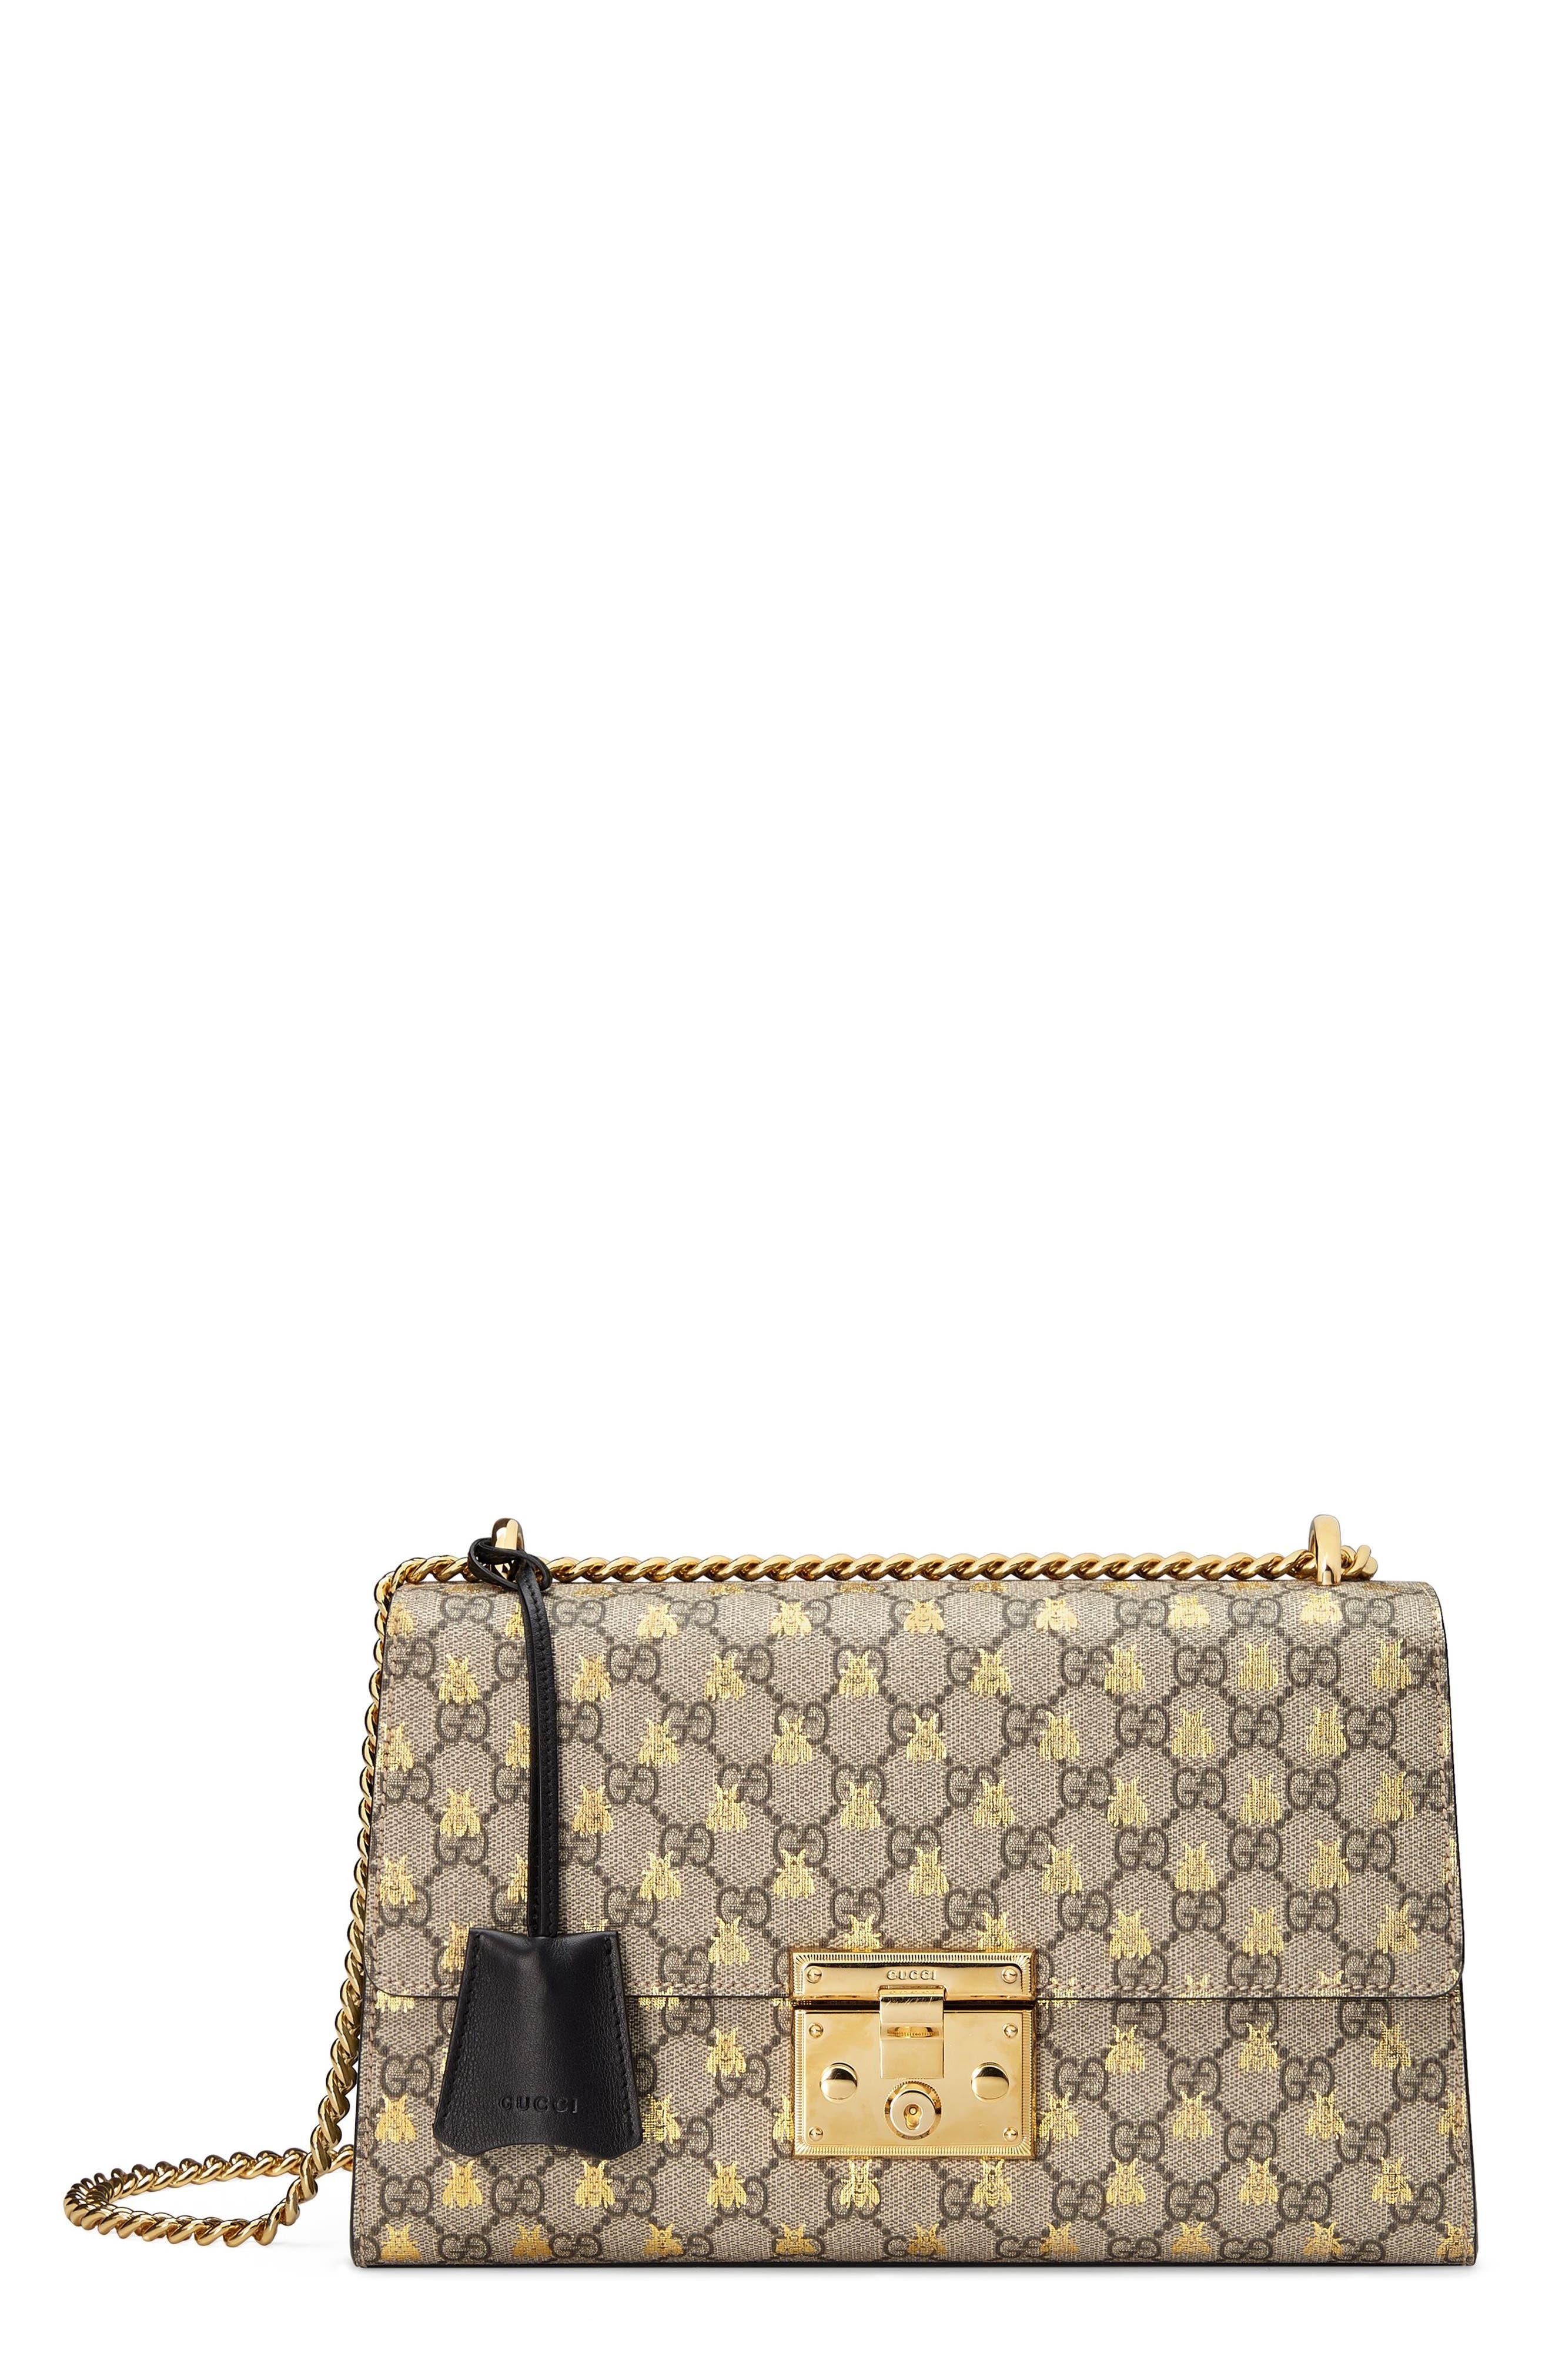 Medium Padlock GG Supreme Bee Shoulder Bag,                         Main,                         color, 250